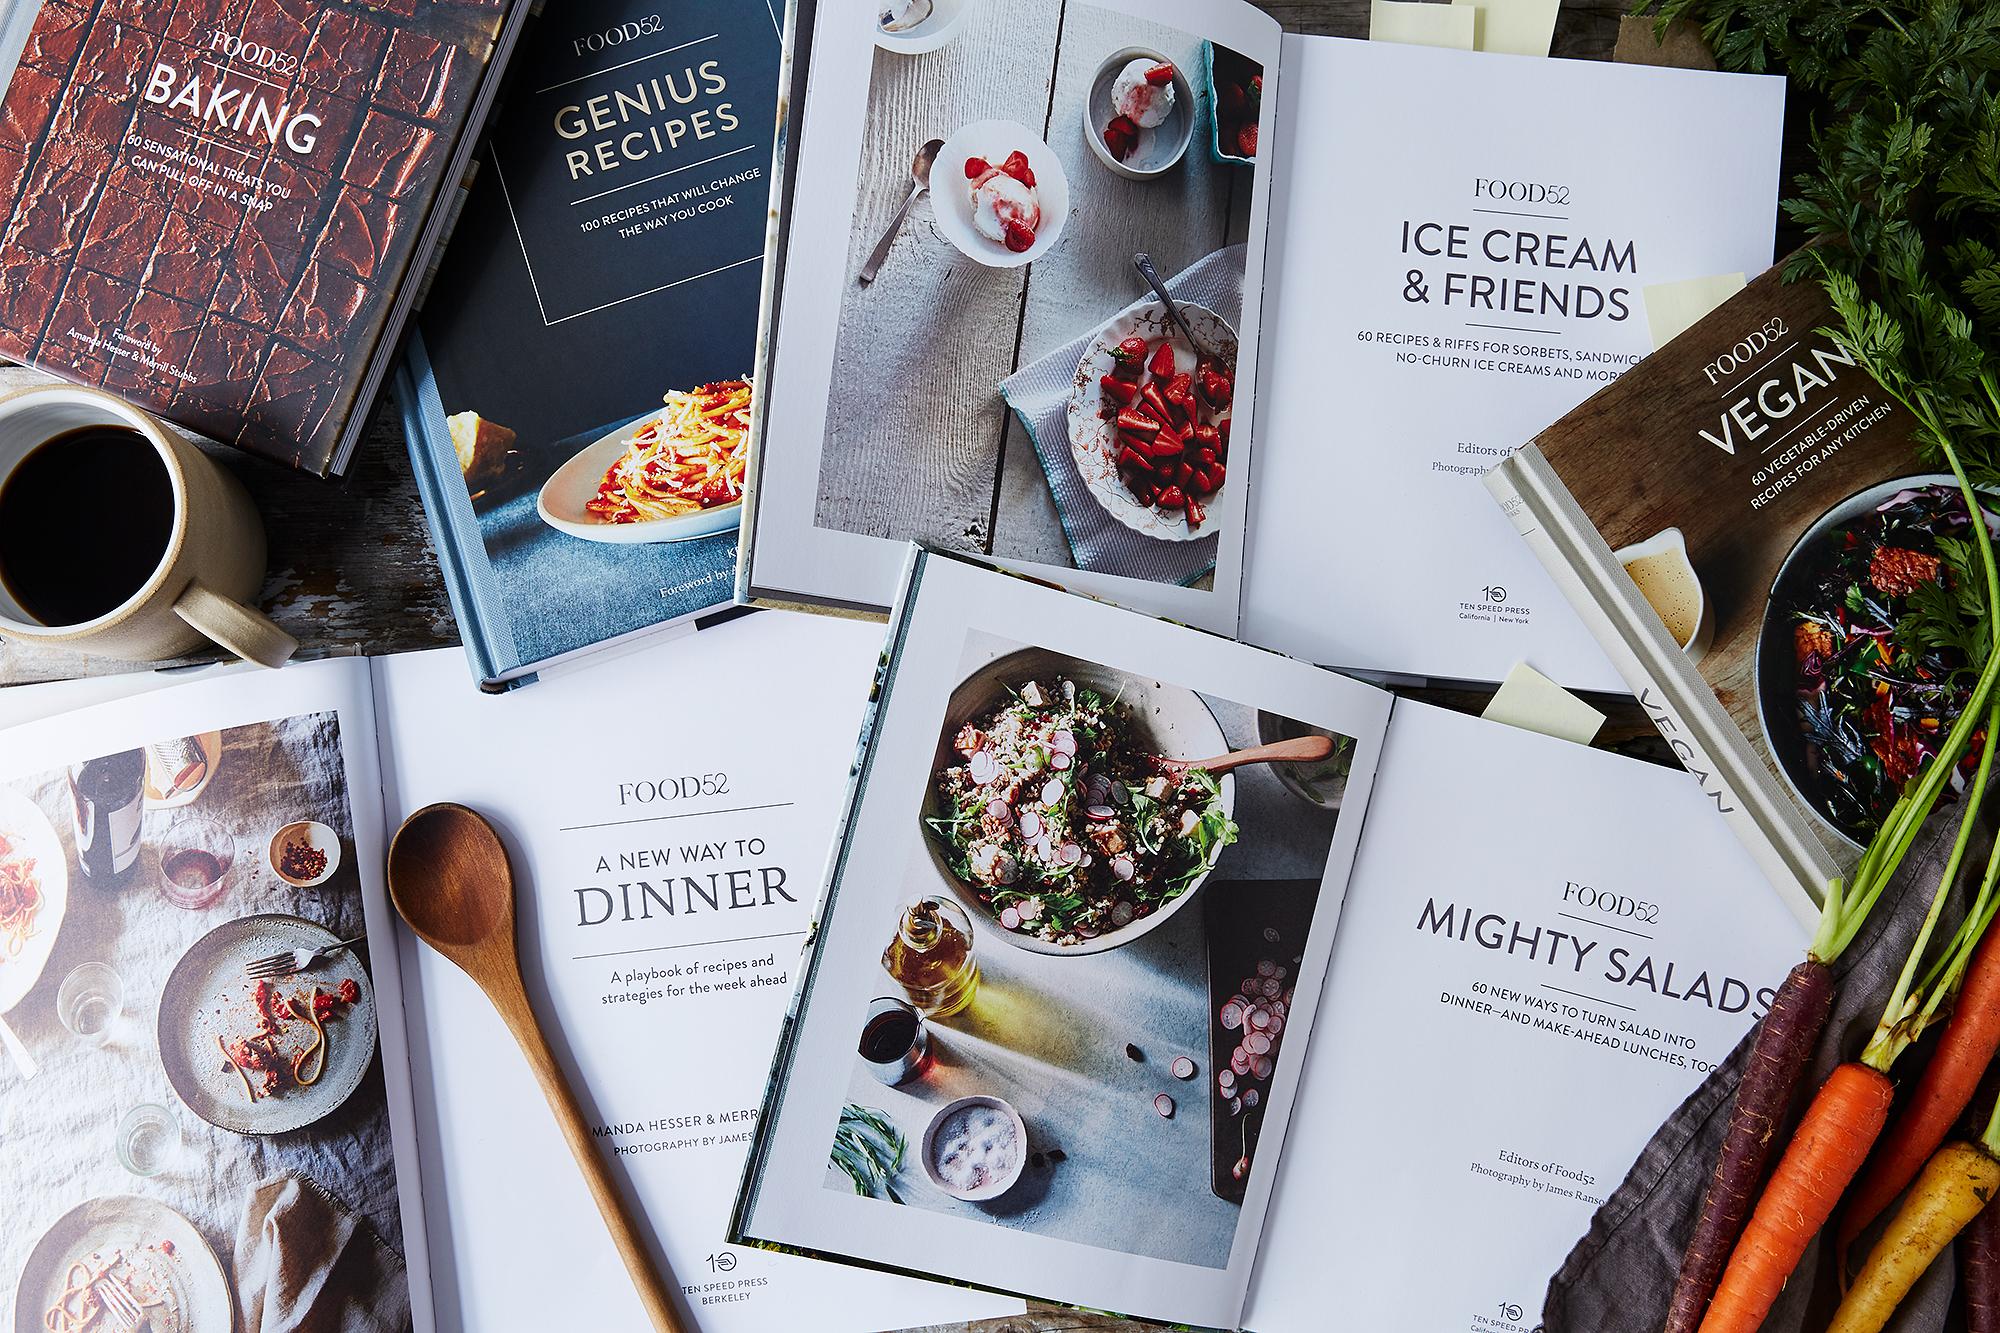 Food52 cookbooks